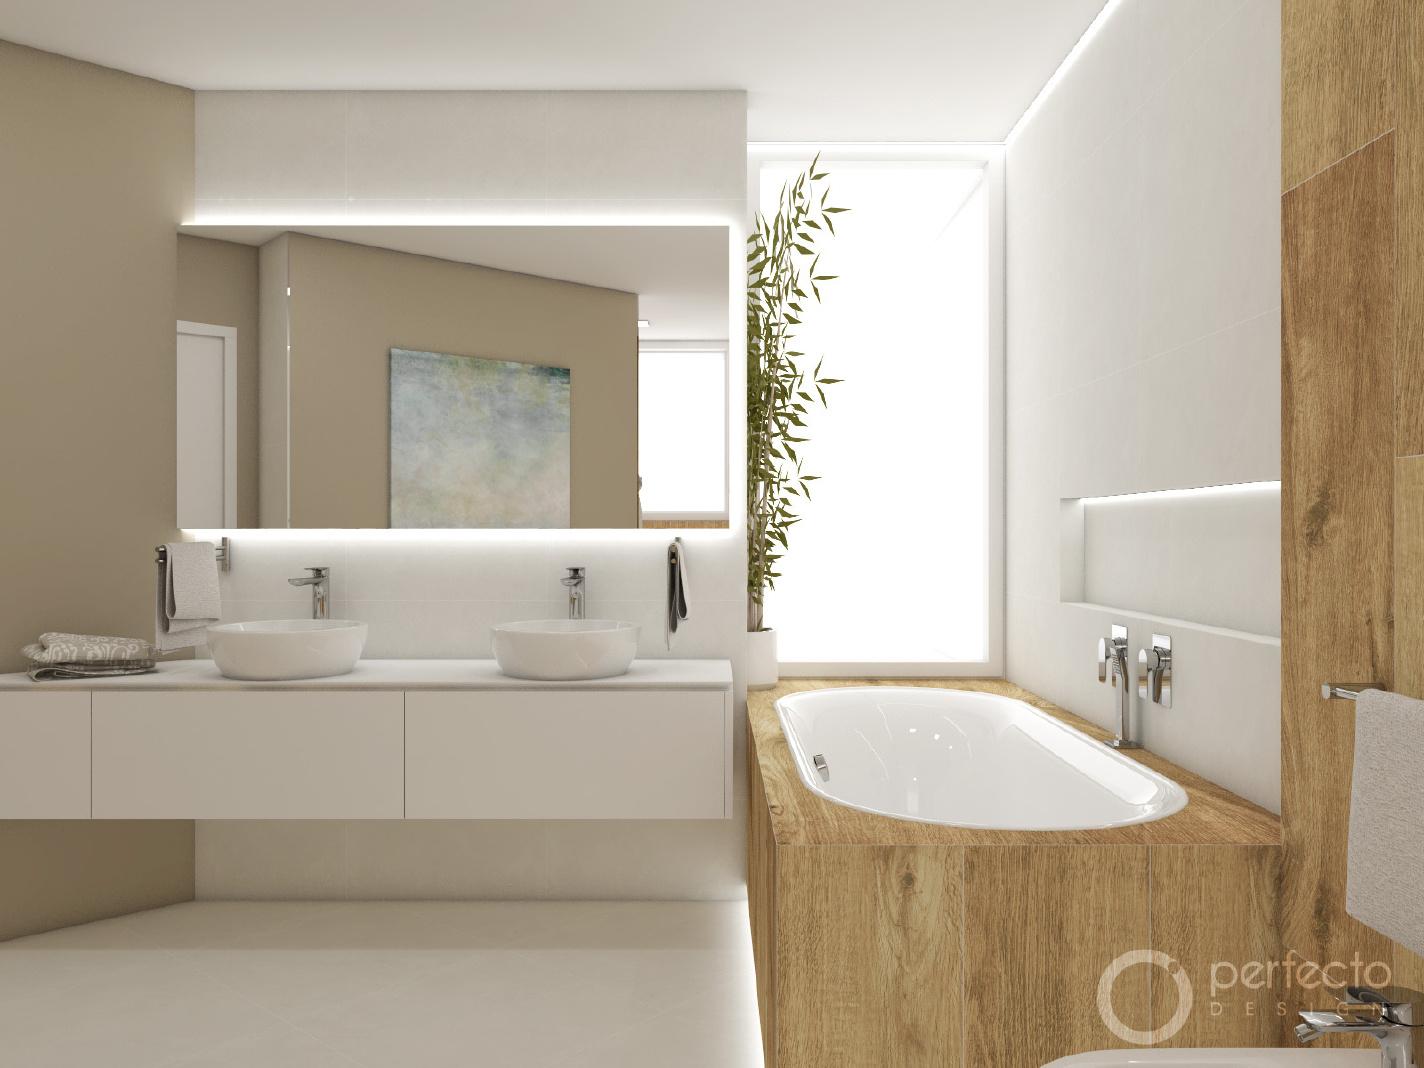 naturbadezimmer dune | perfecto design, Badezimmer